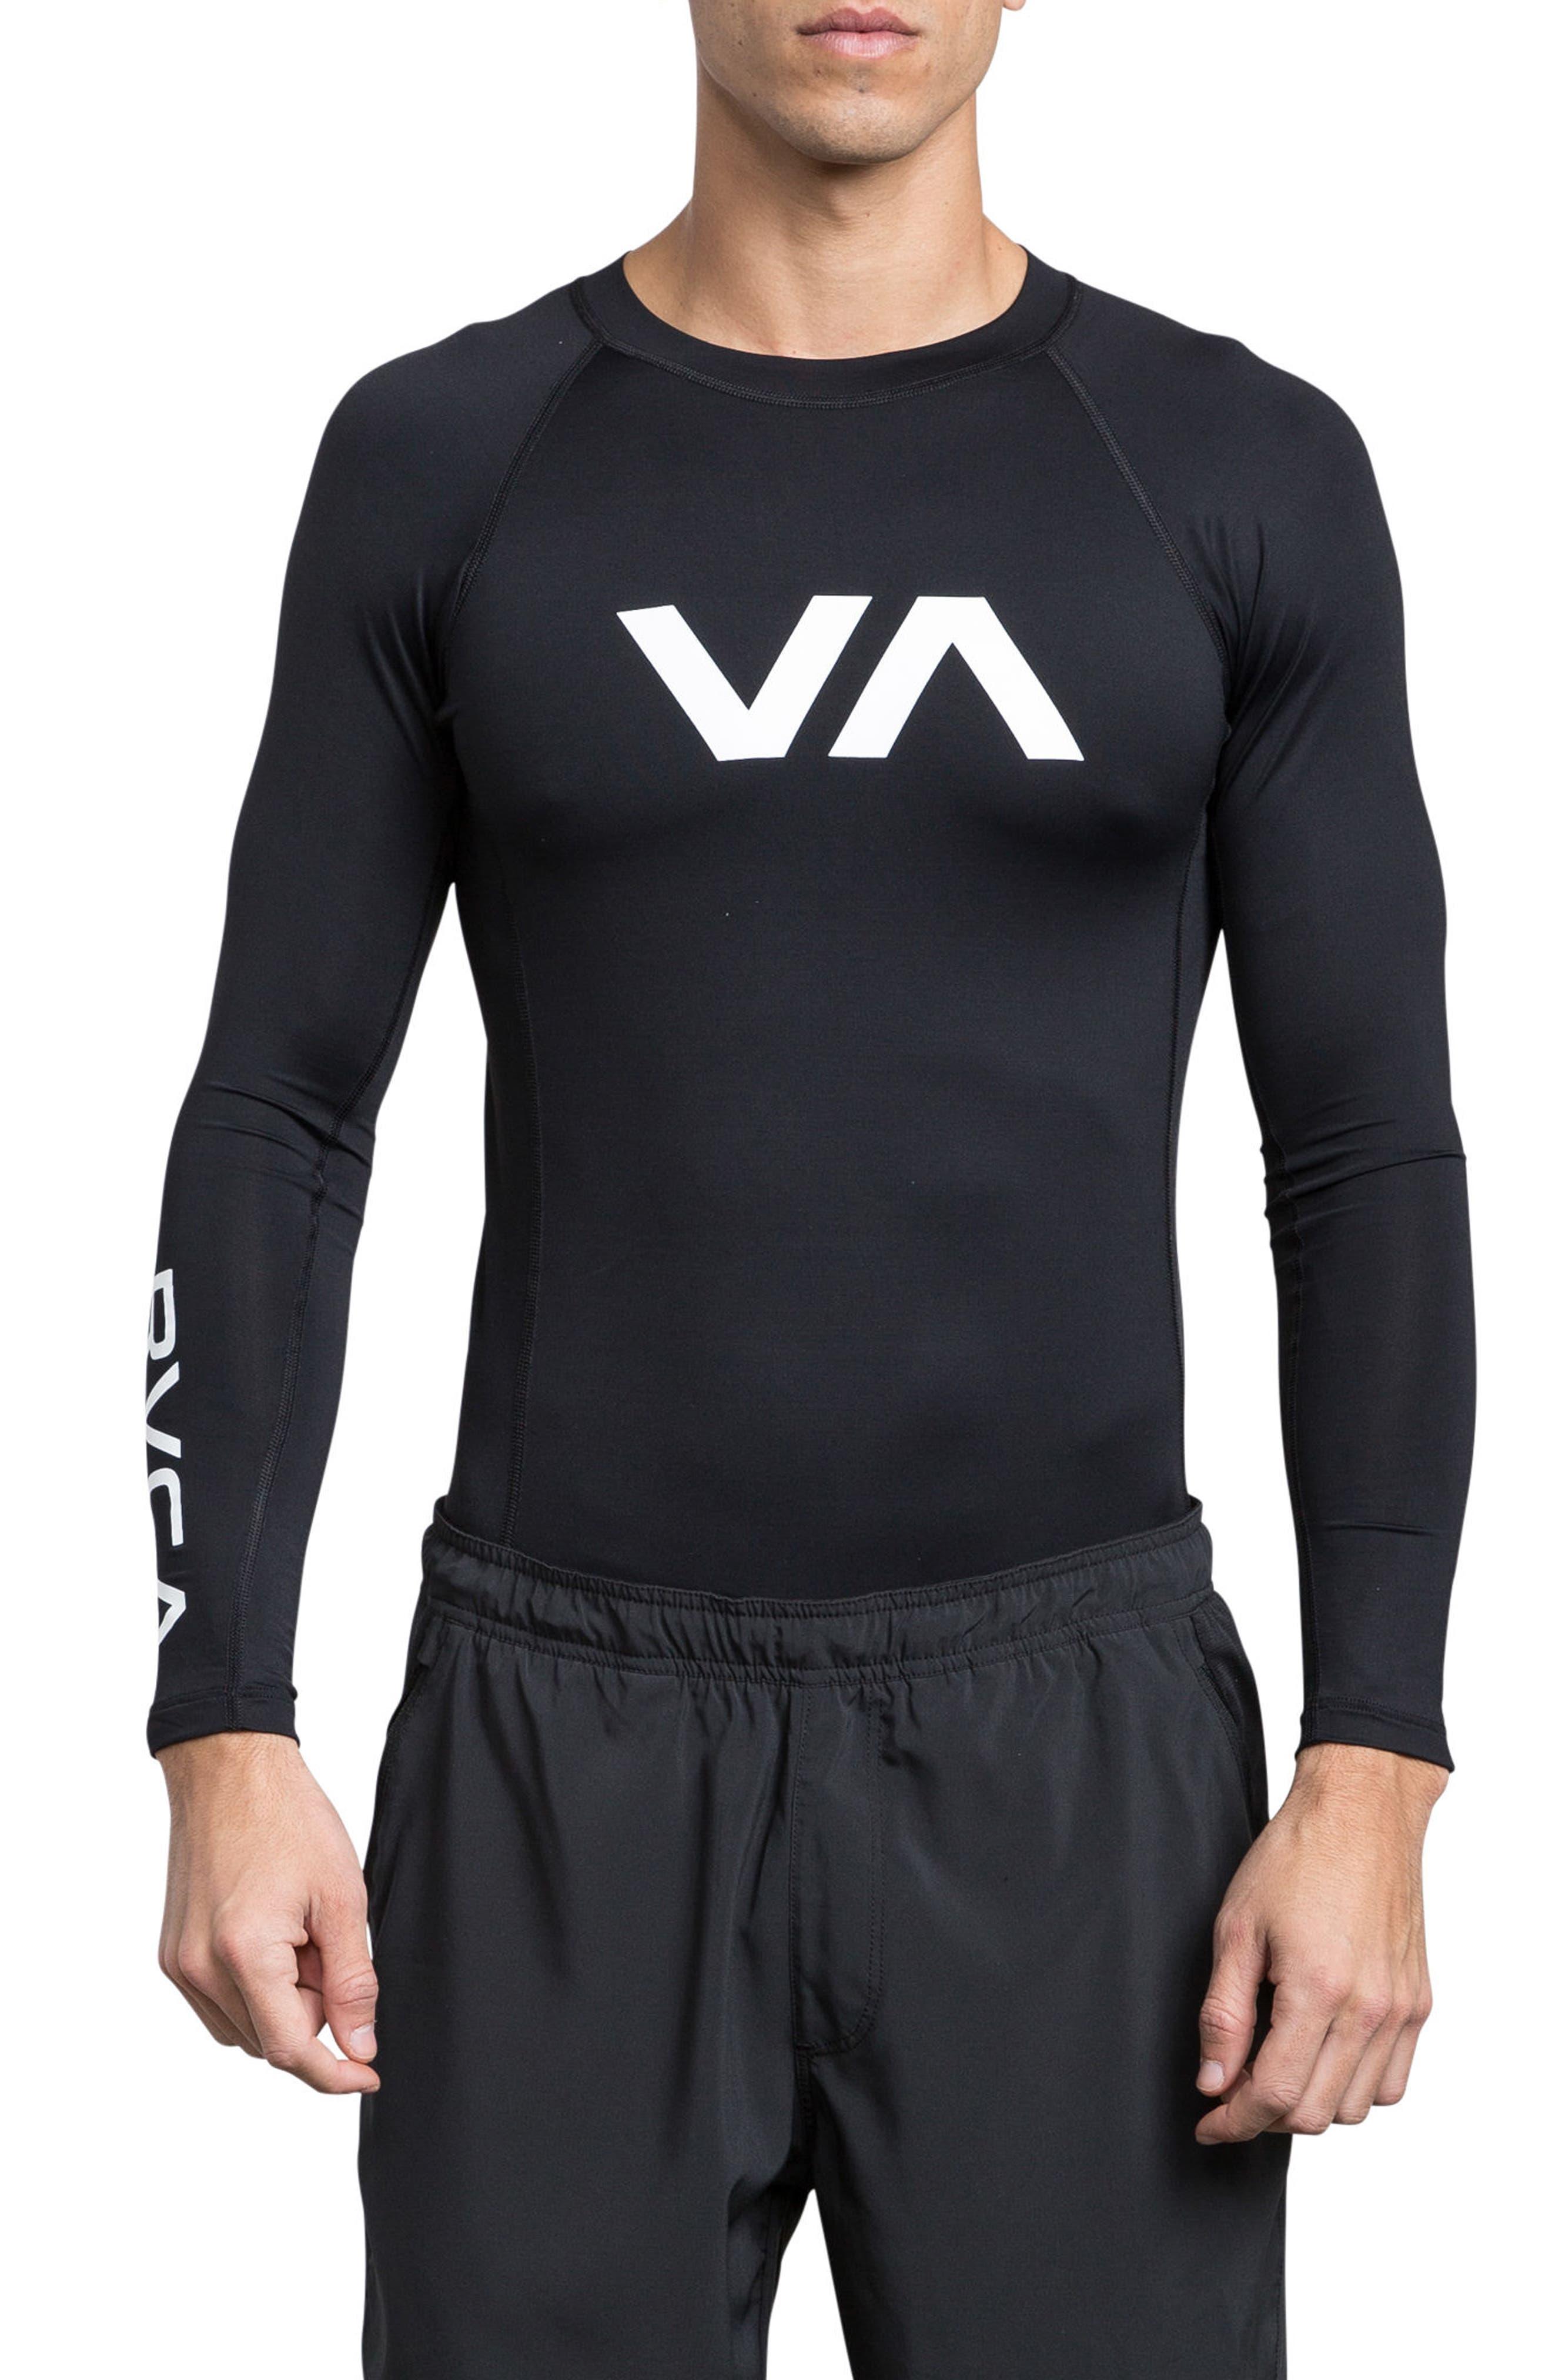 Sport Rashguard,                         Main,                         color, Black